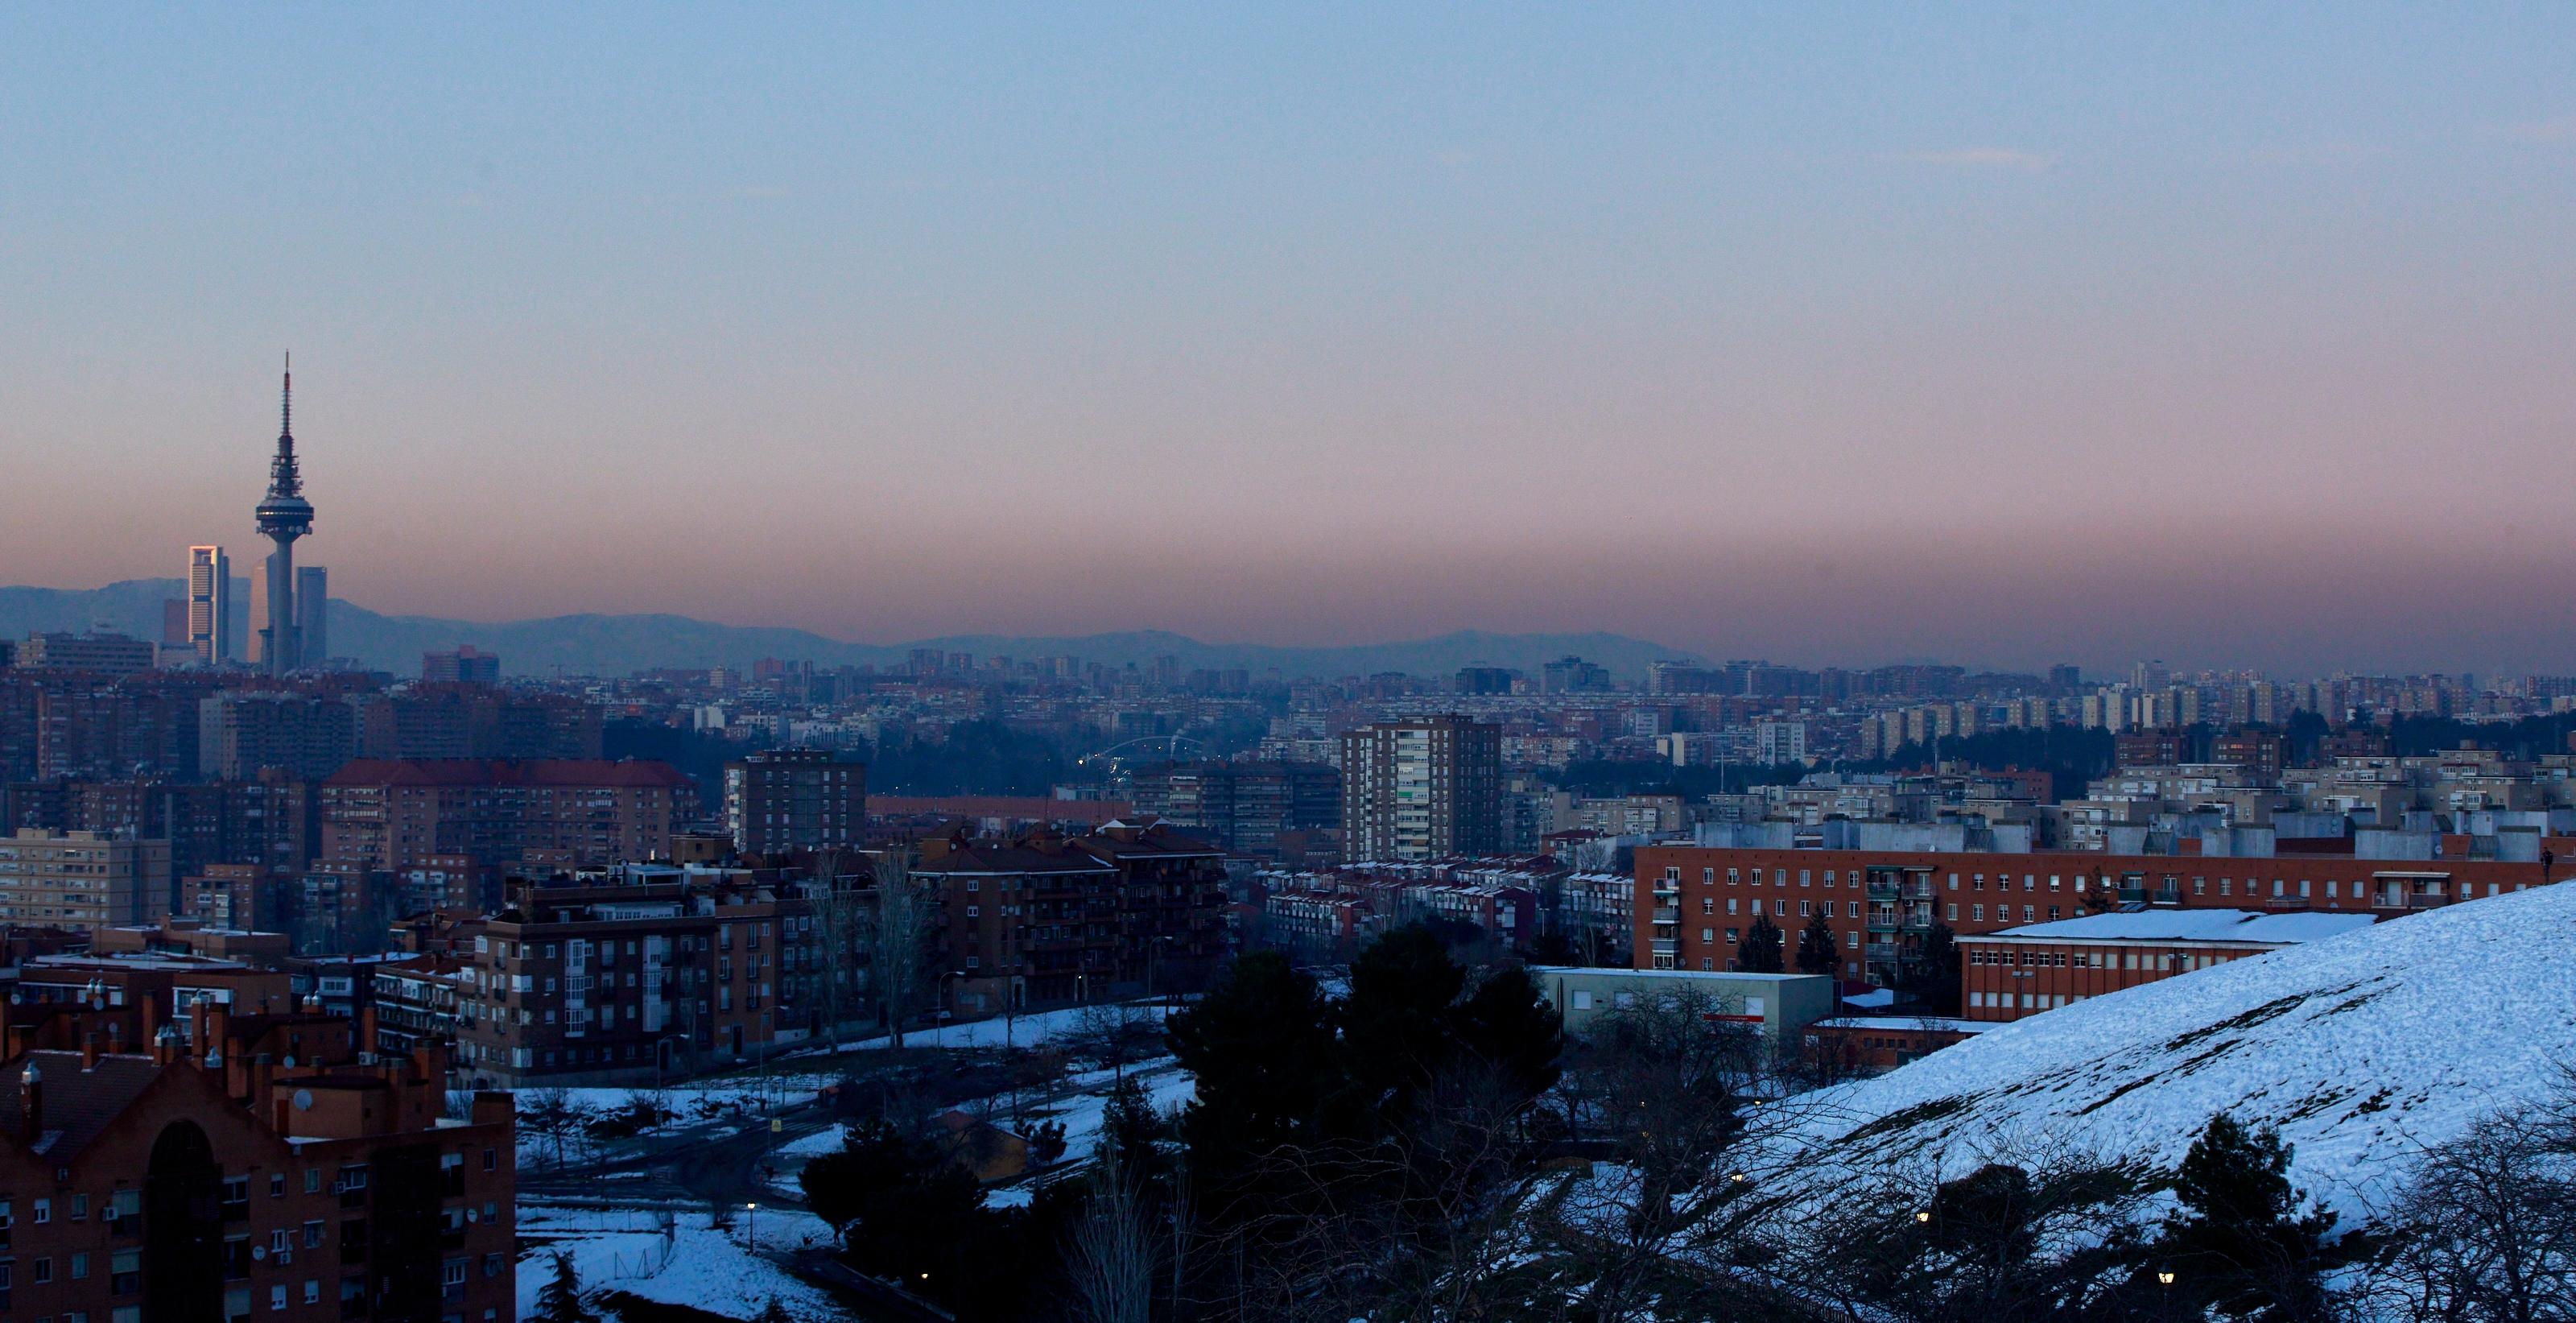 Un estudio sitúa a Madrid como la ciudad europea con más mortalidad asociada a la contaminación por NO₂